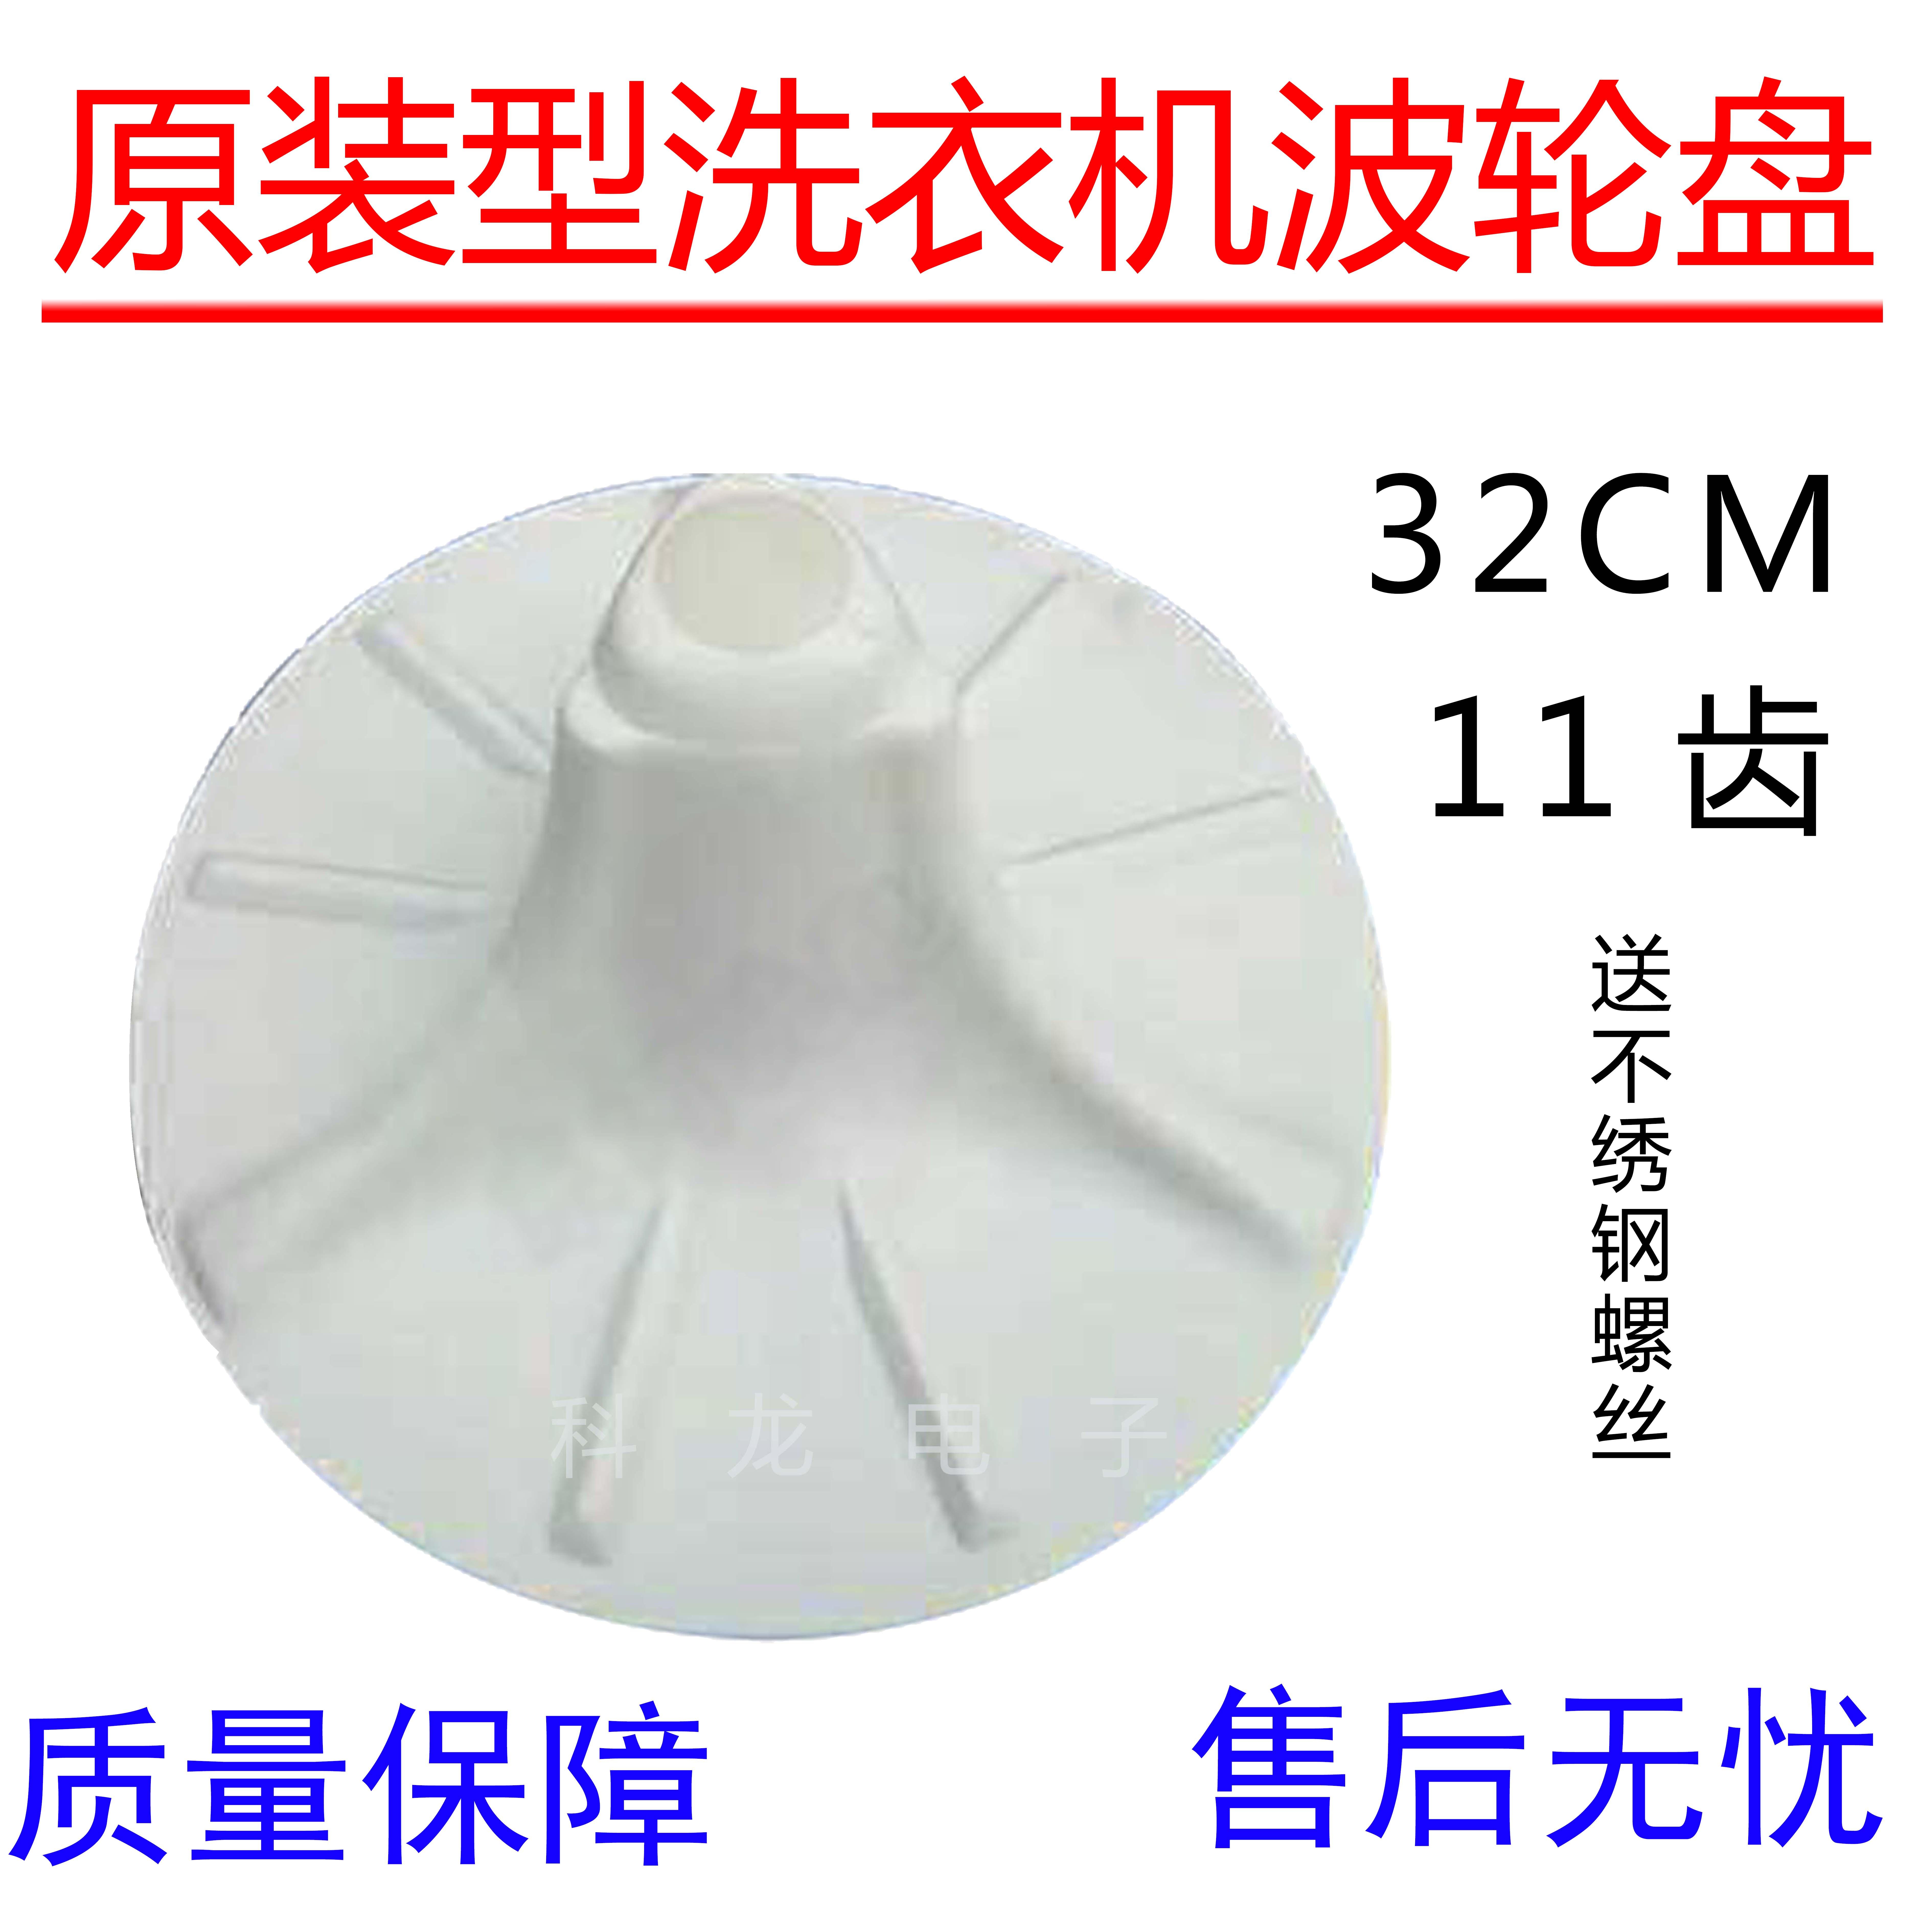 适用于新天洋洗衣机xpb35-15s波轮  直径32cm  11齿  水叶  转盘